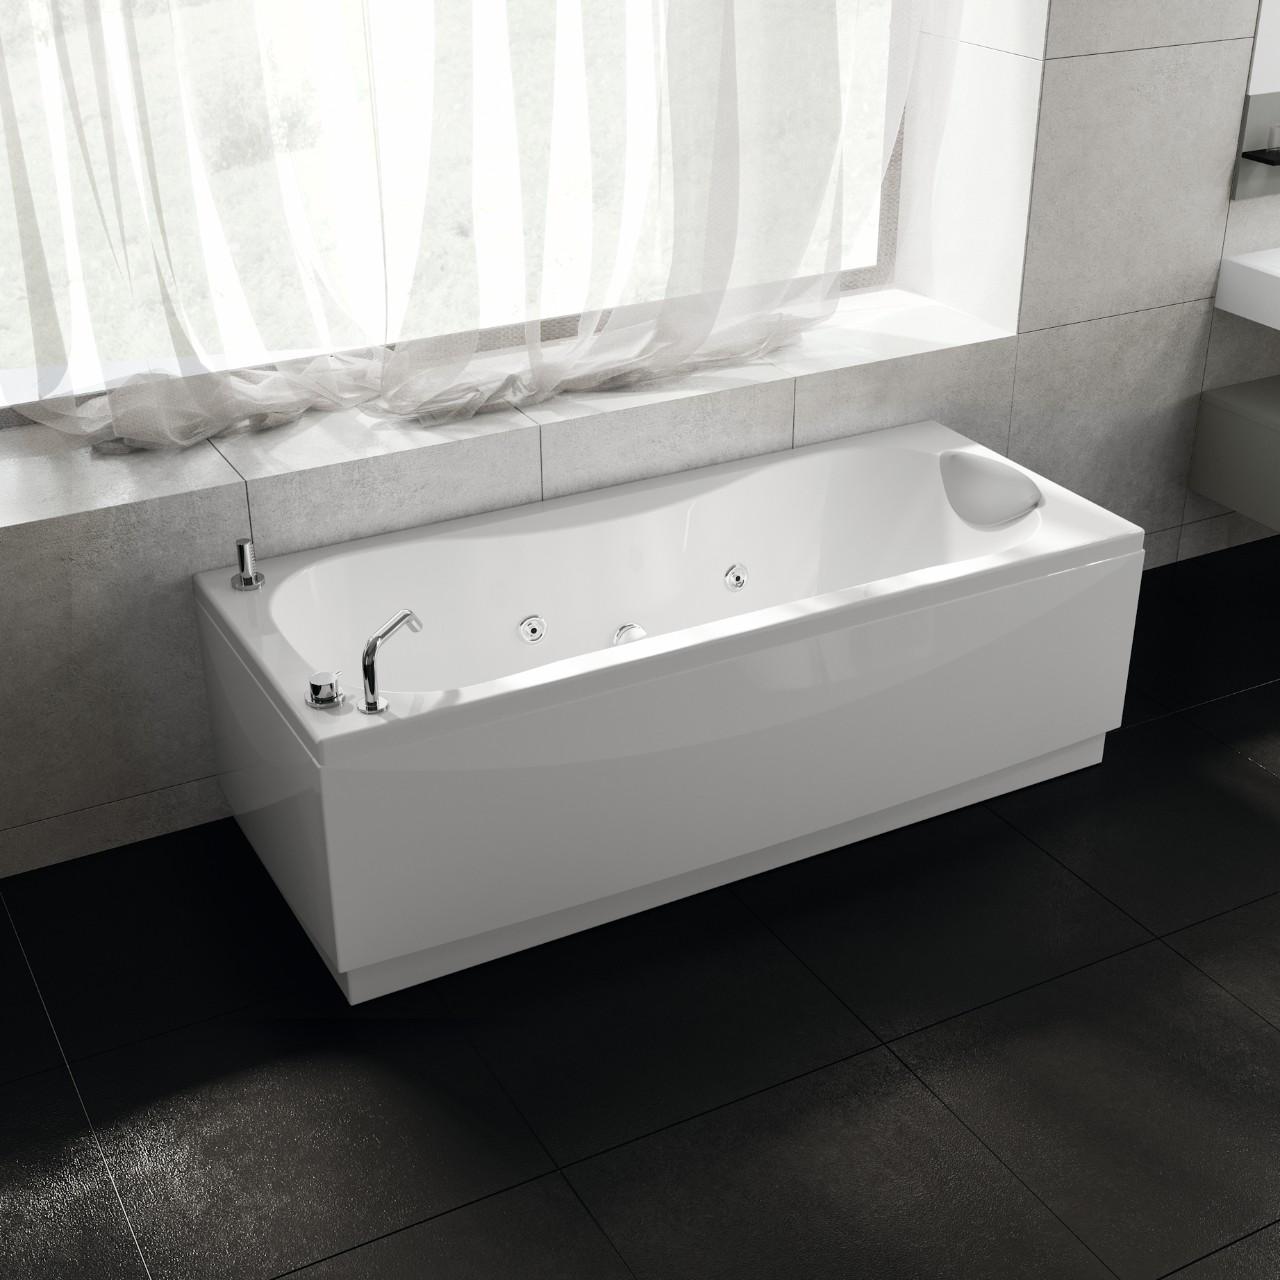 Vasche calypso novellini - Prezzo vasche da bagno ...